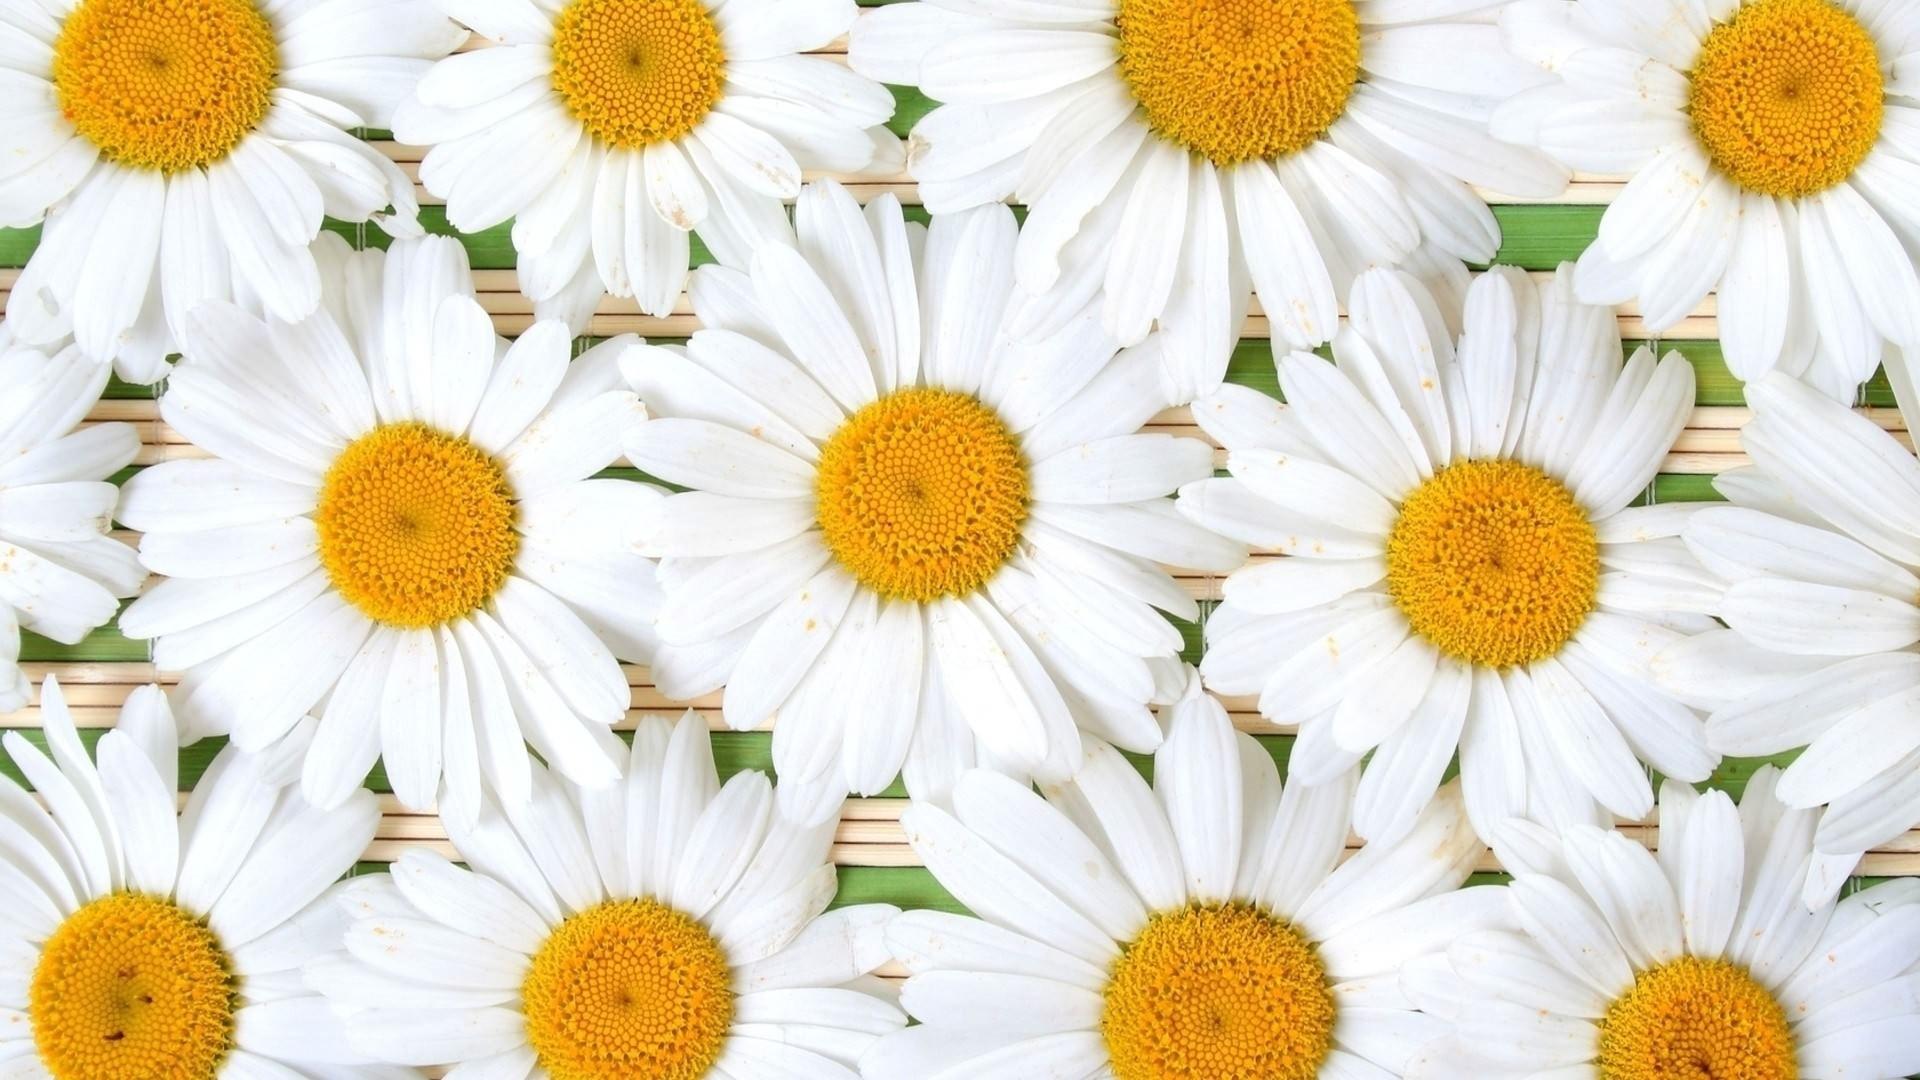 Daisy High Quality